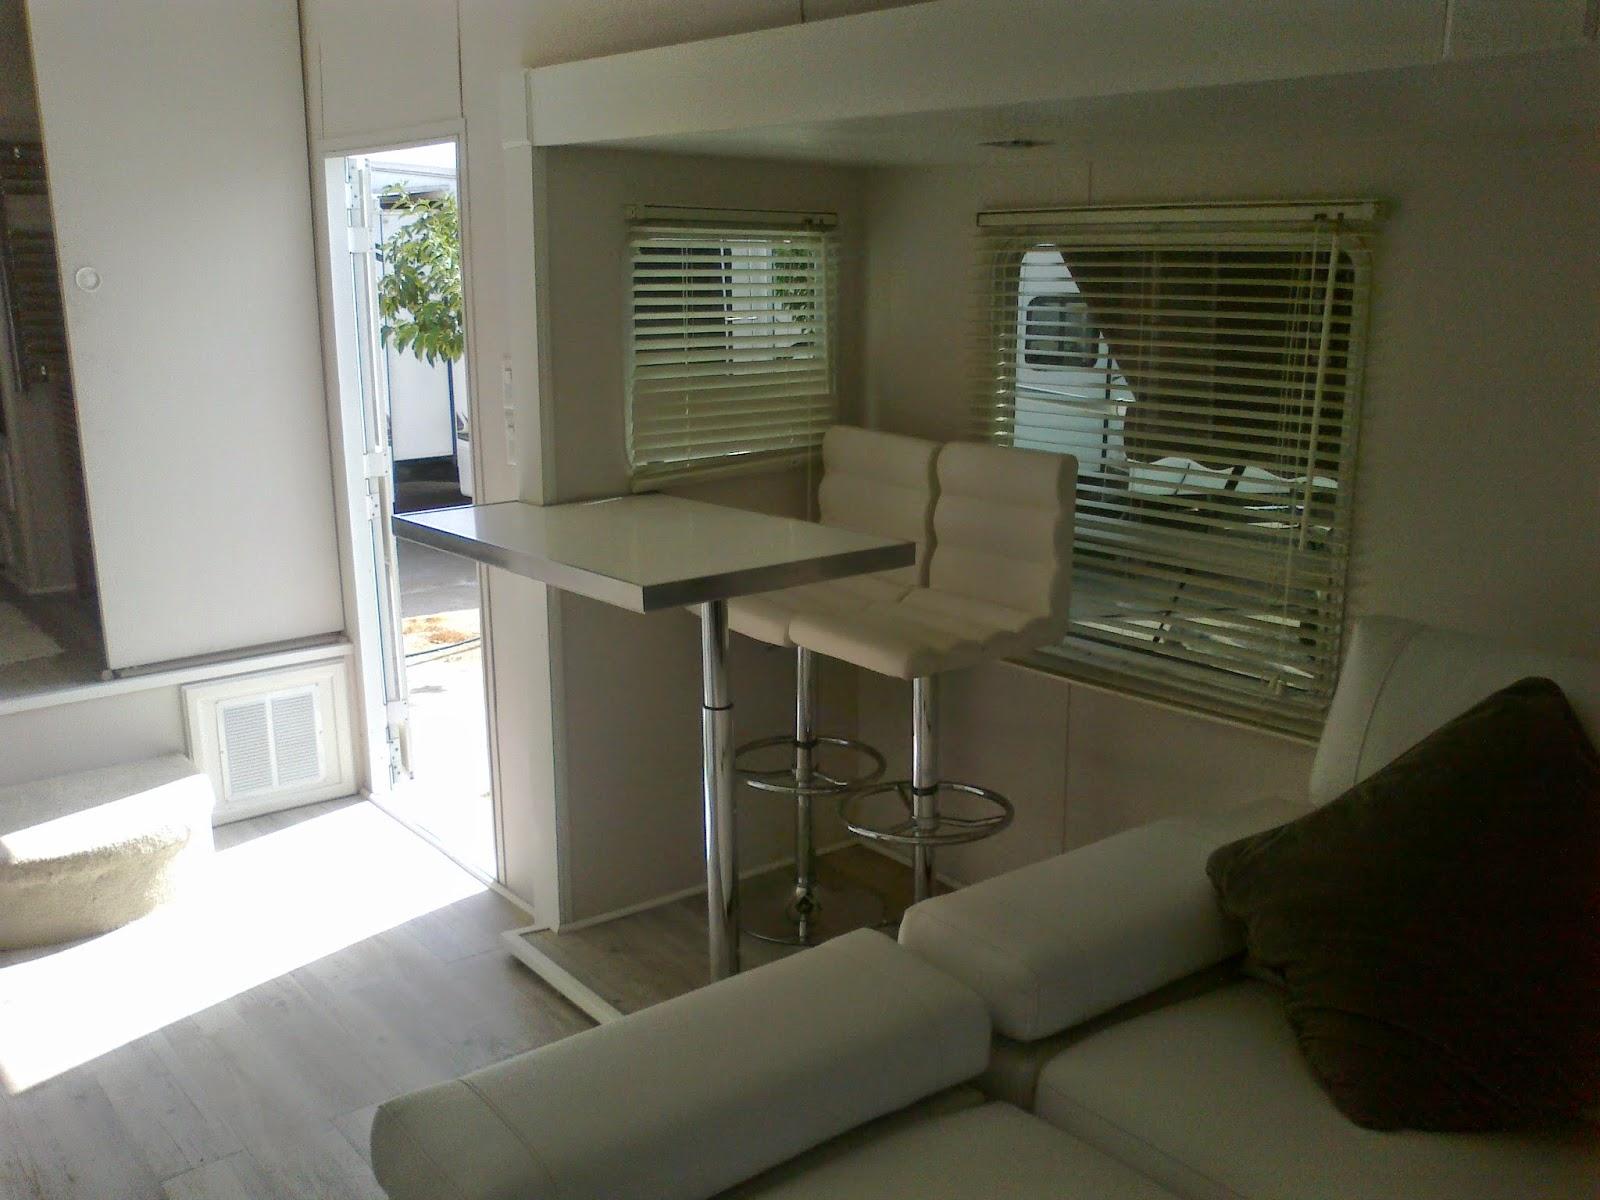 blanca spain 2005 35ft 5th wheel caravan luxury by design for sale